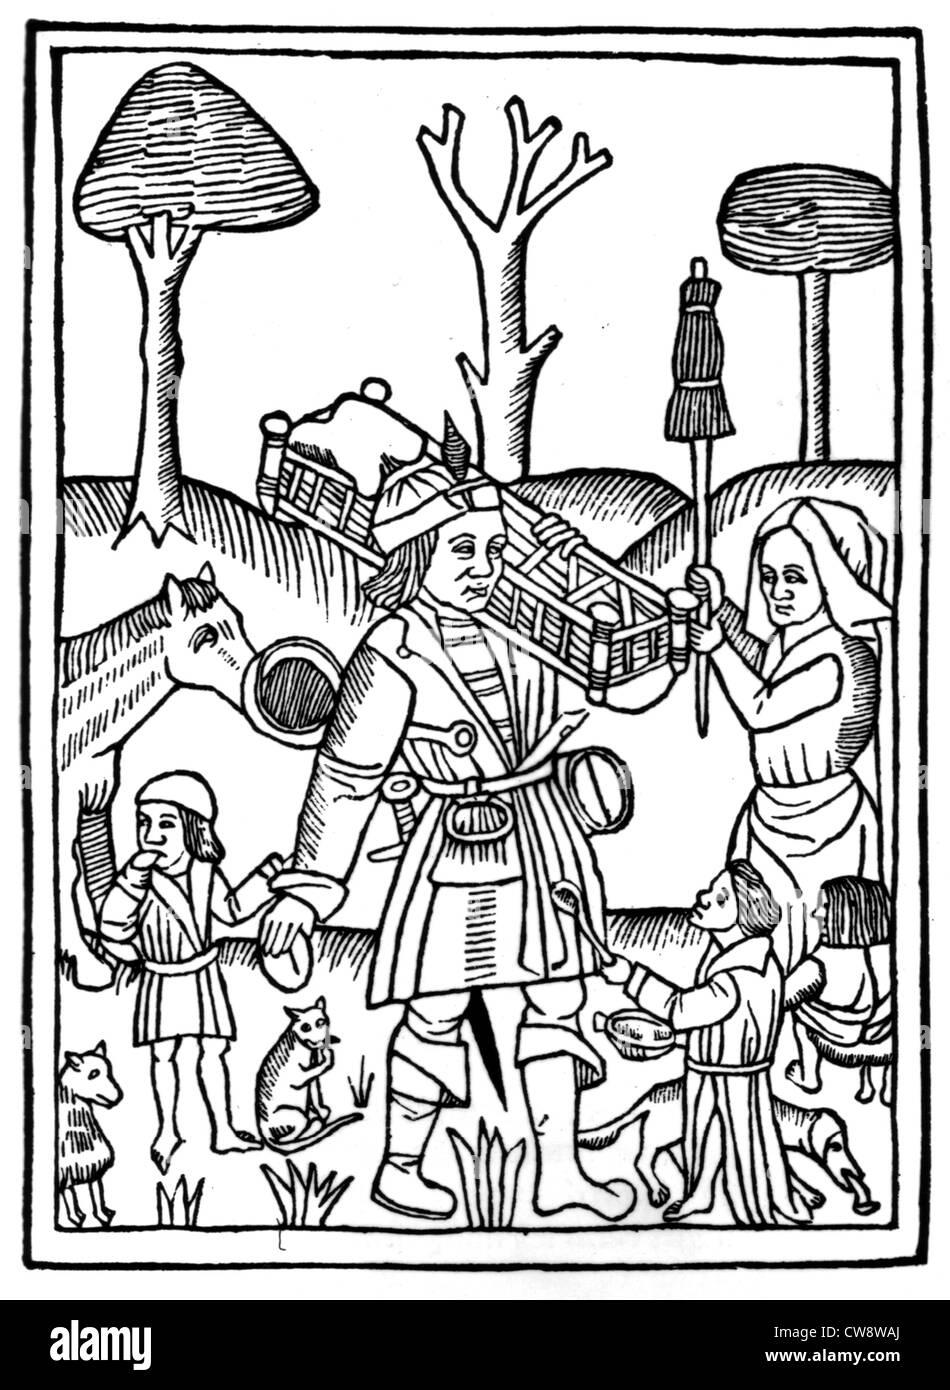 Xilografia illustrante ultimo libro : il marito lavorando duramente sotto la minaccia di sua moglie conocchia Immagini Stock